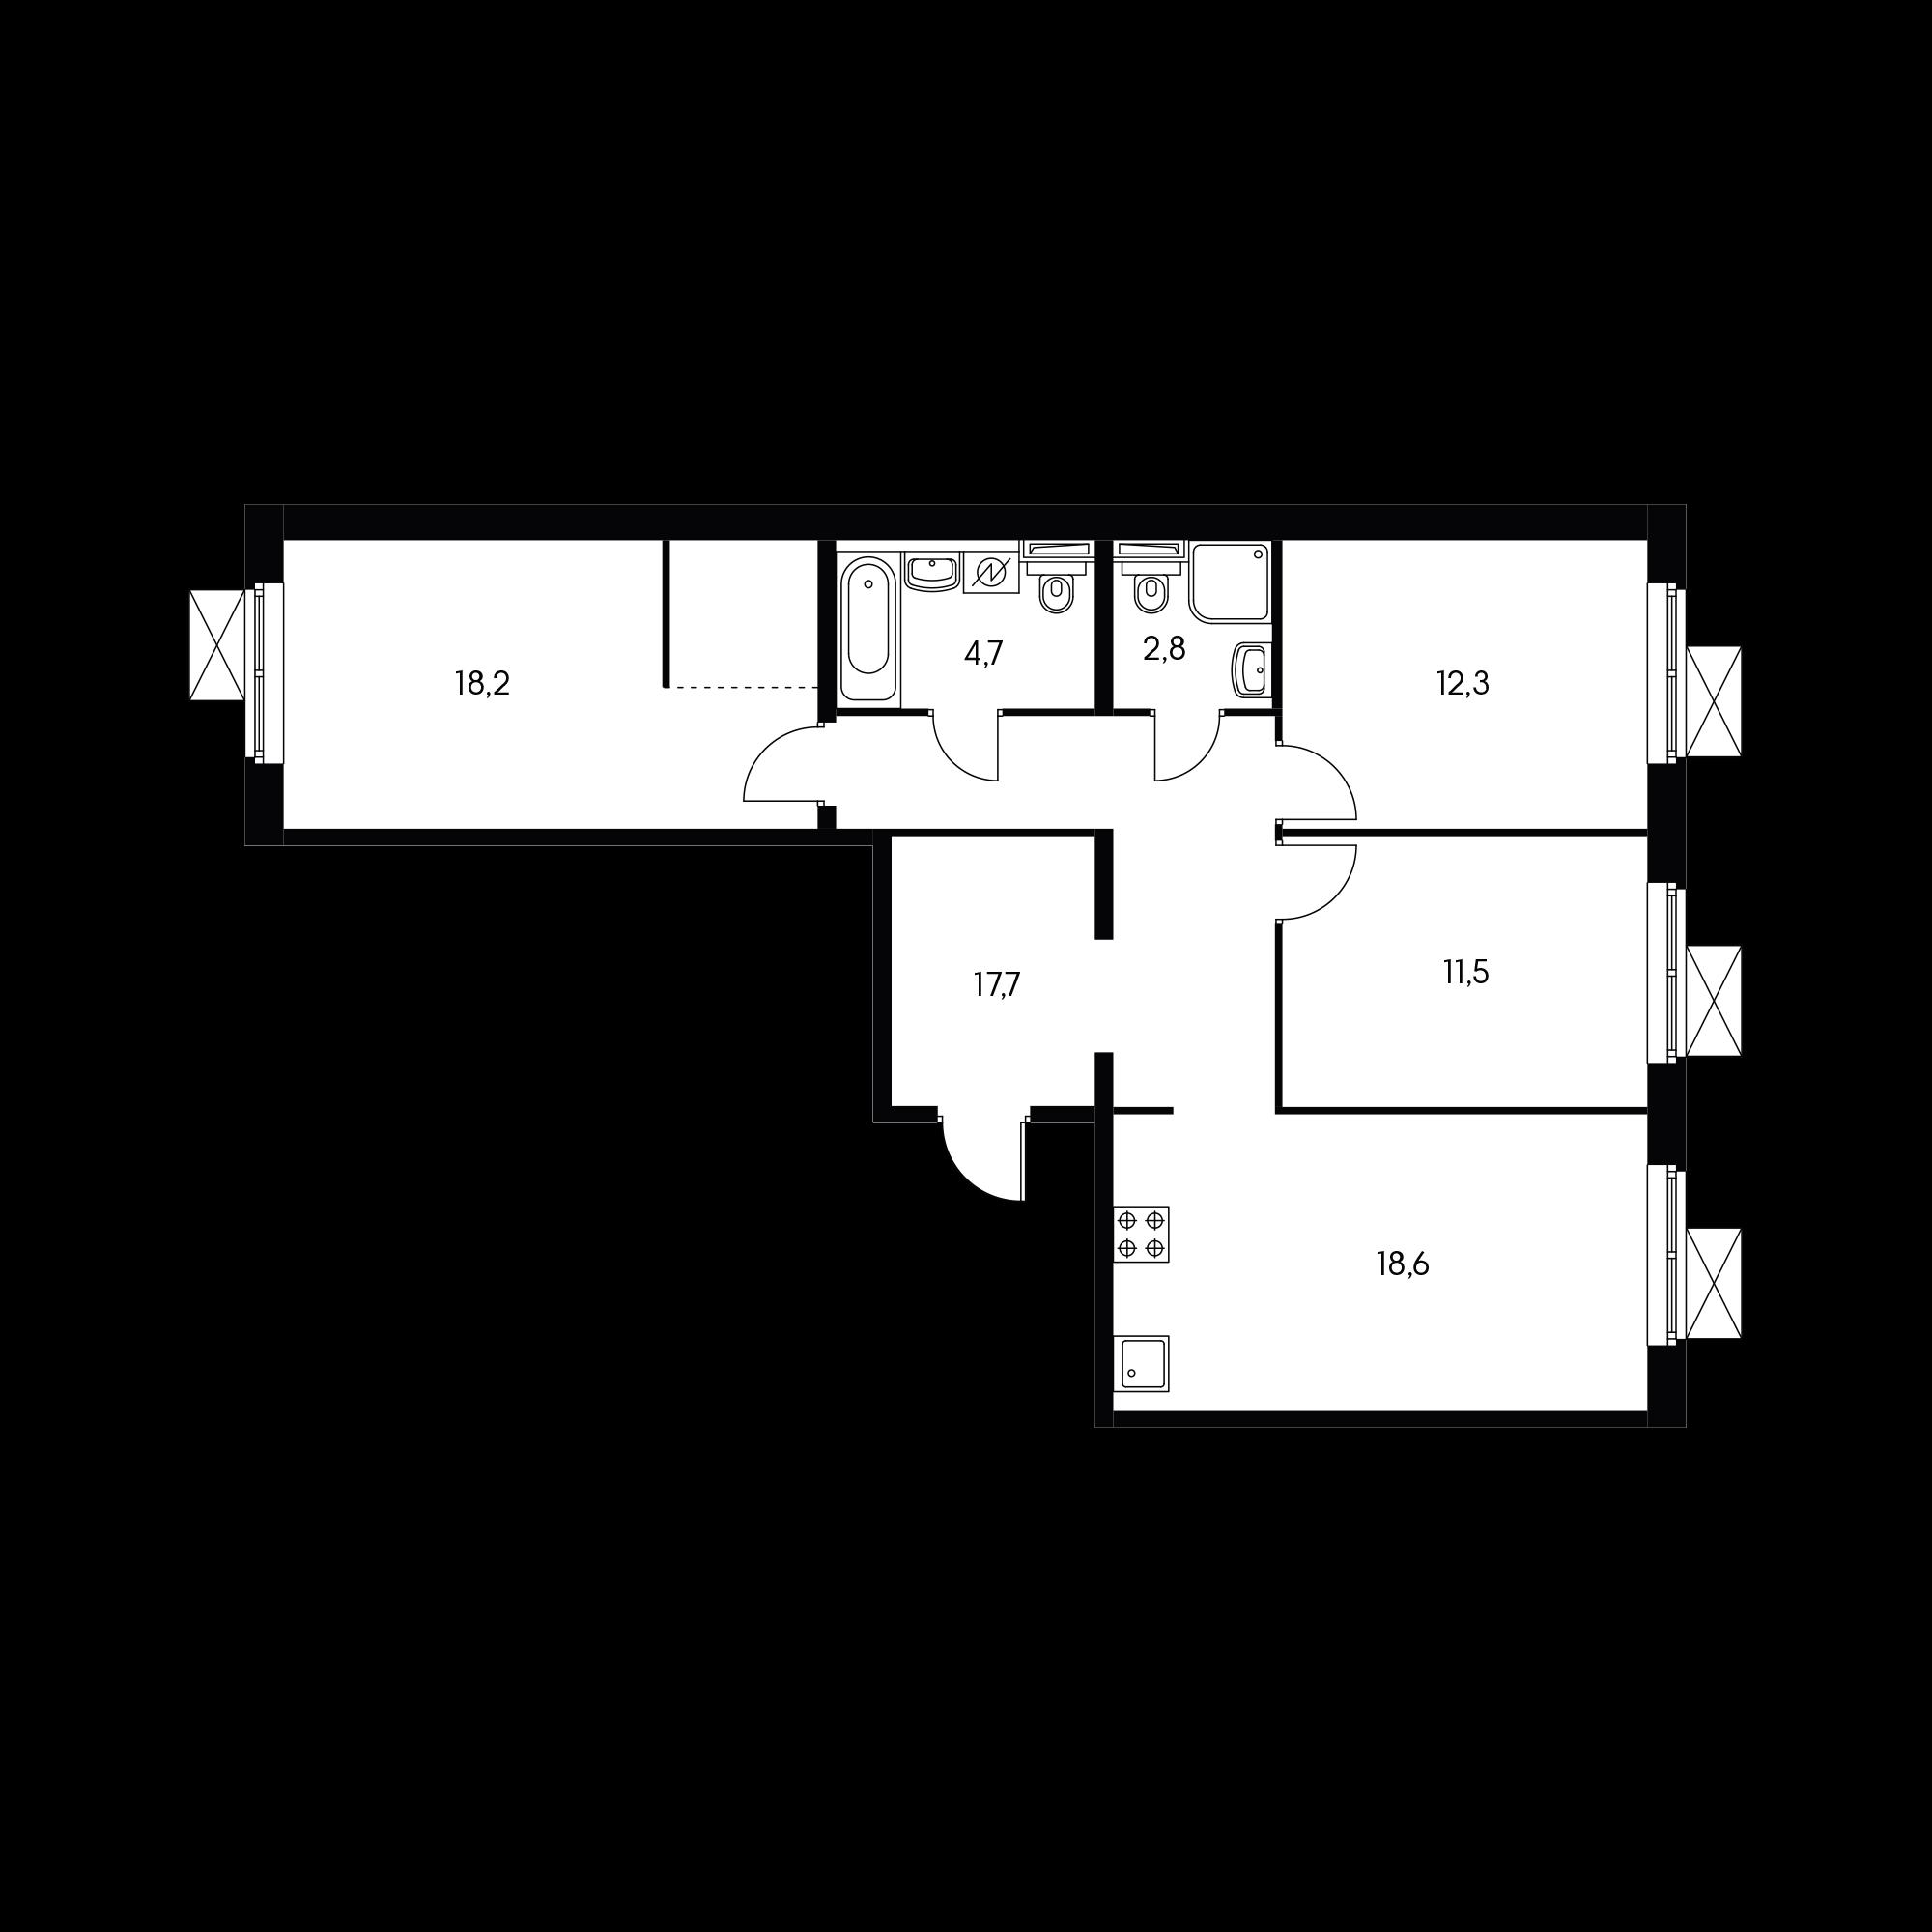 3EL3_9.6-1_S_A